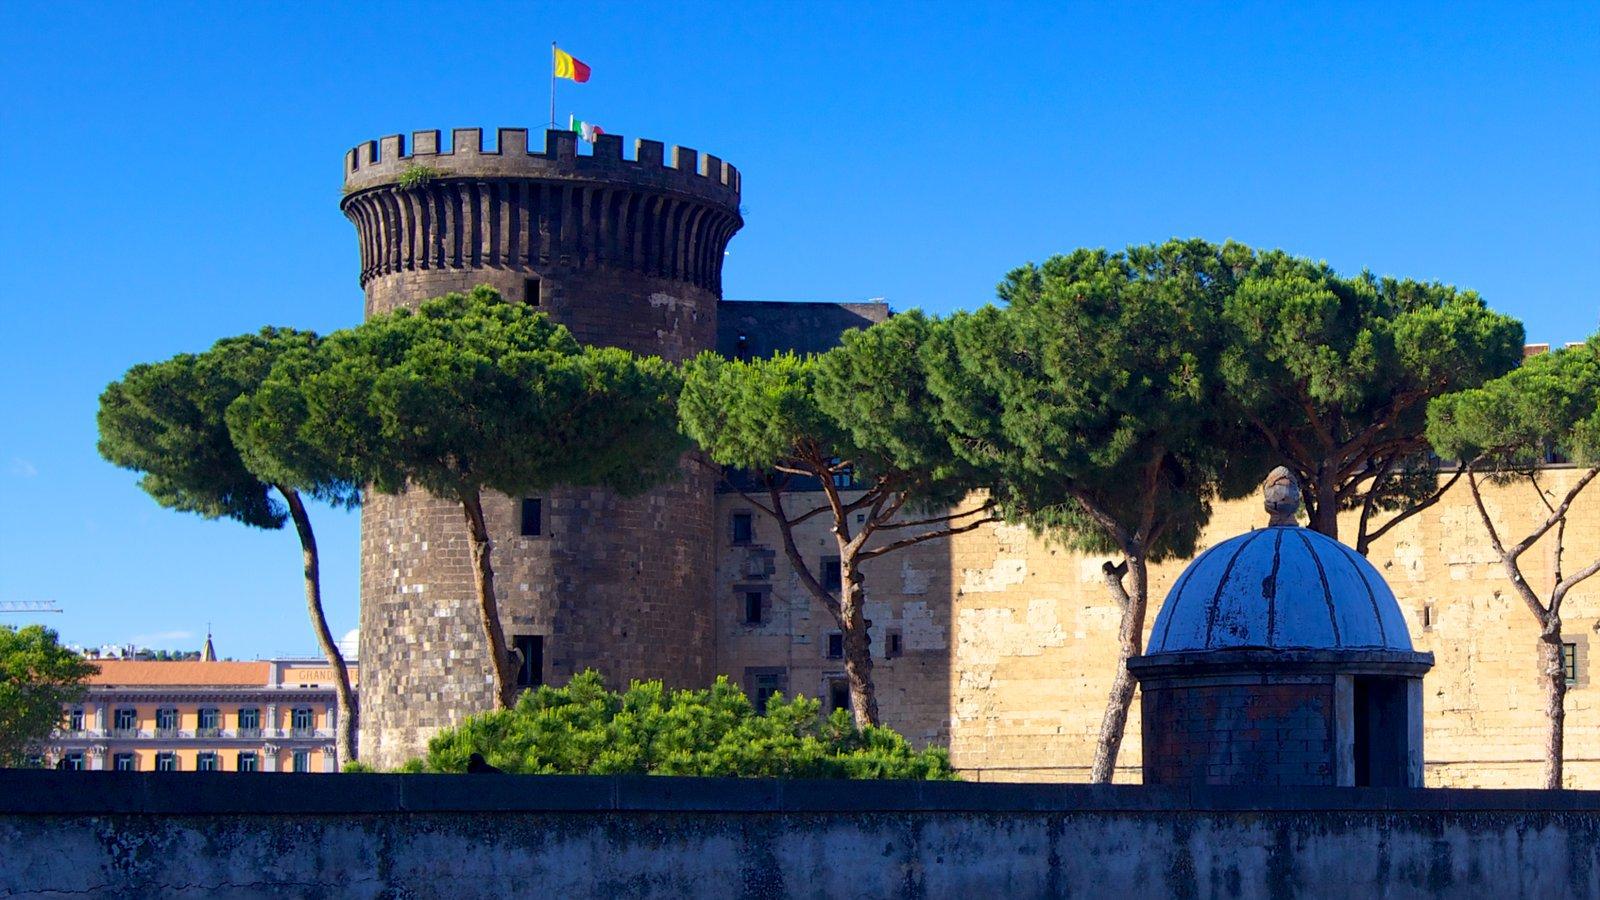 Piazza del Municipio mostrando arquitetura de patrimônio e um castelo